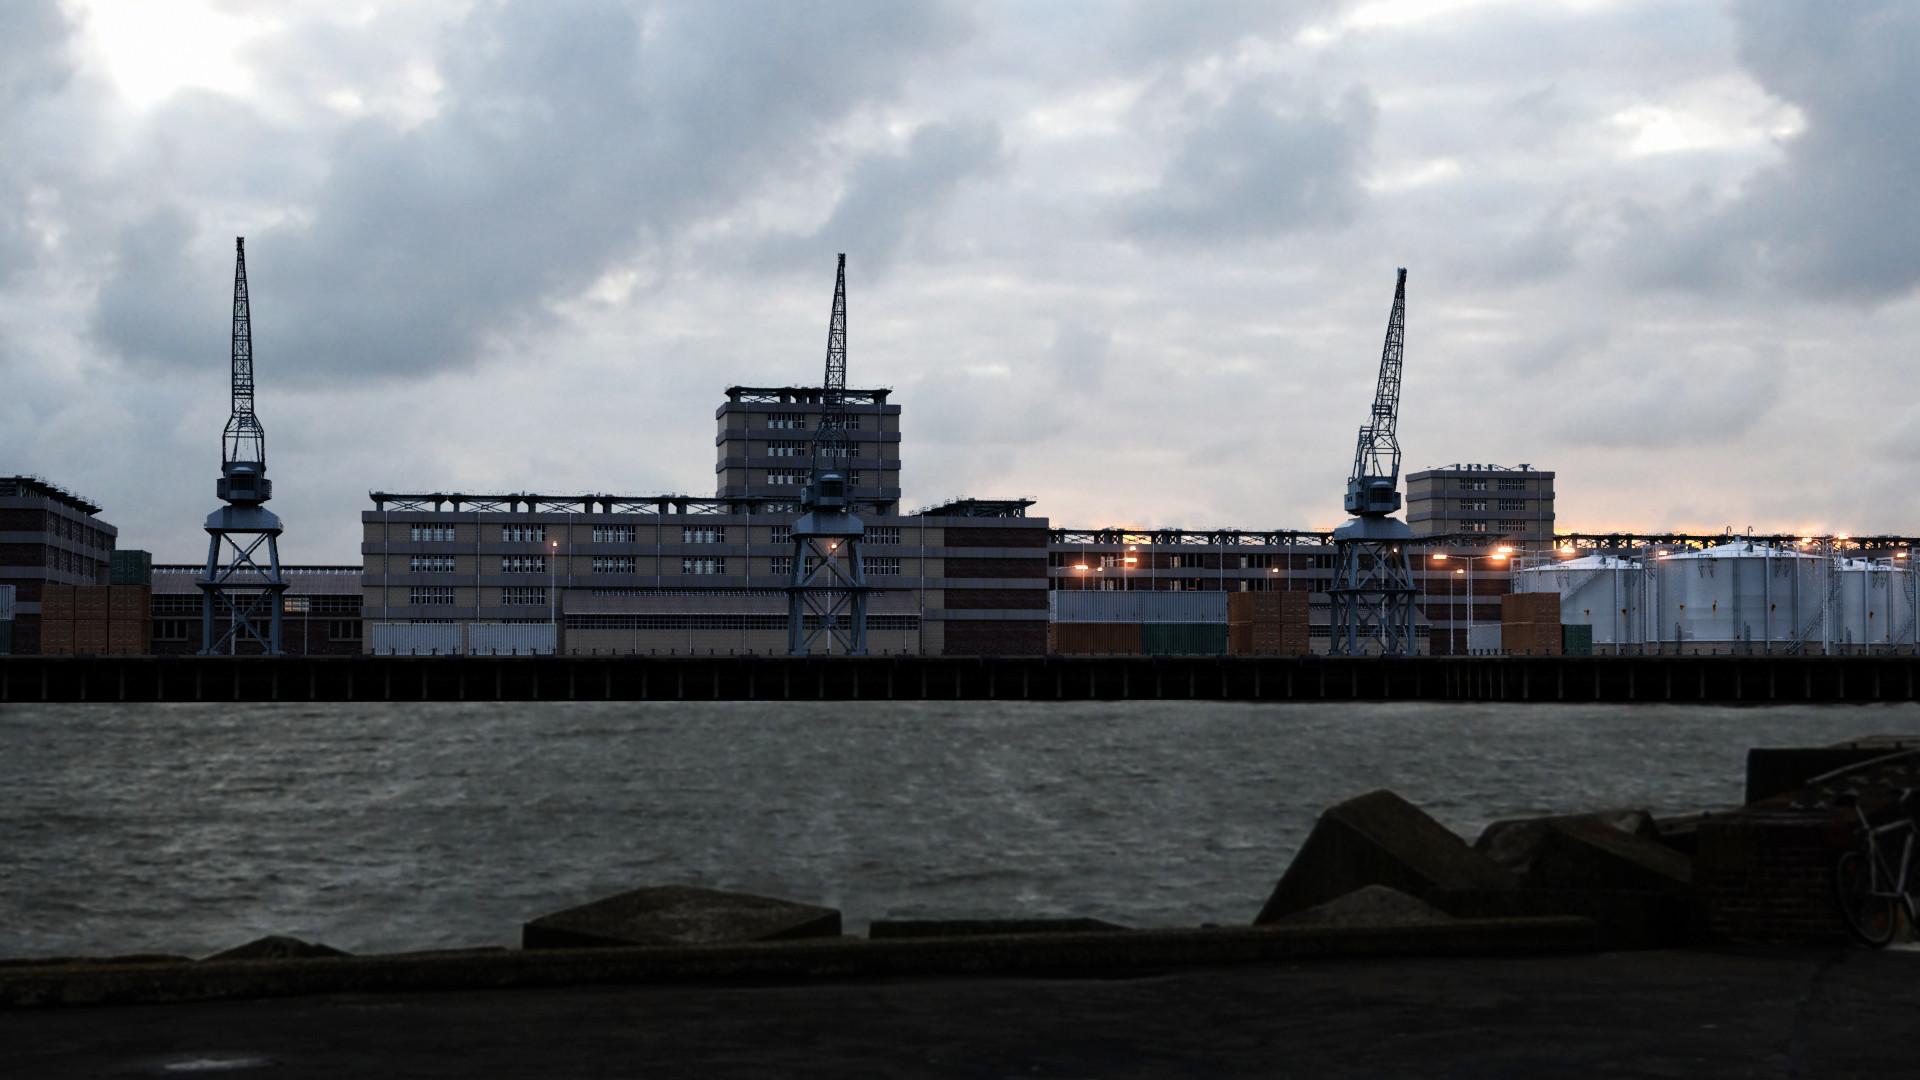 Cian o reilly portbuildings03